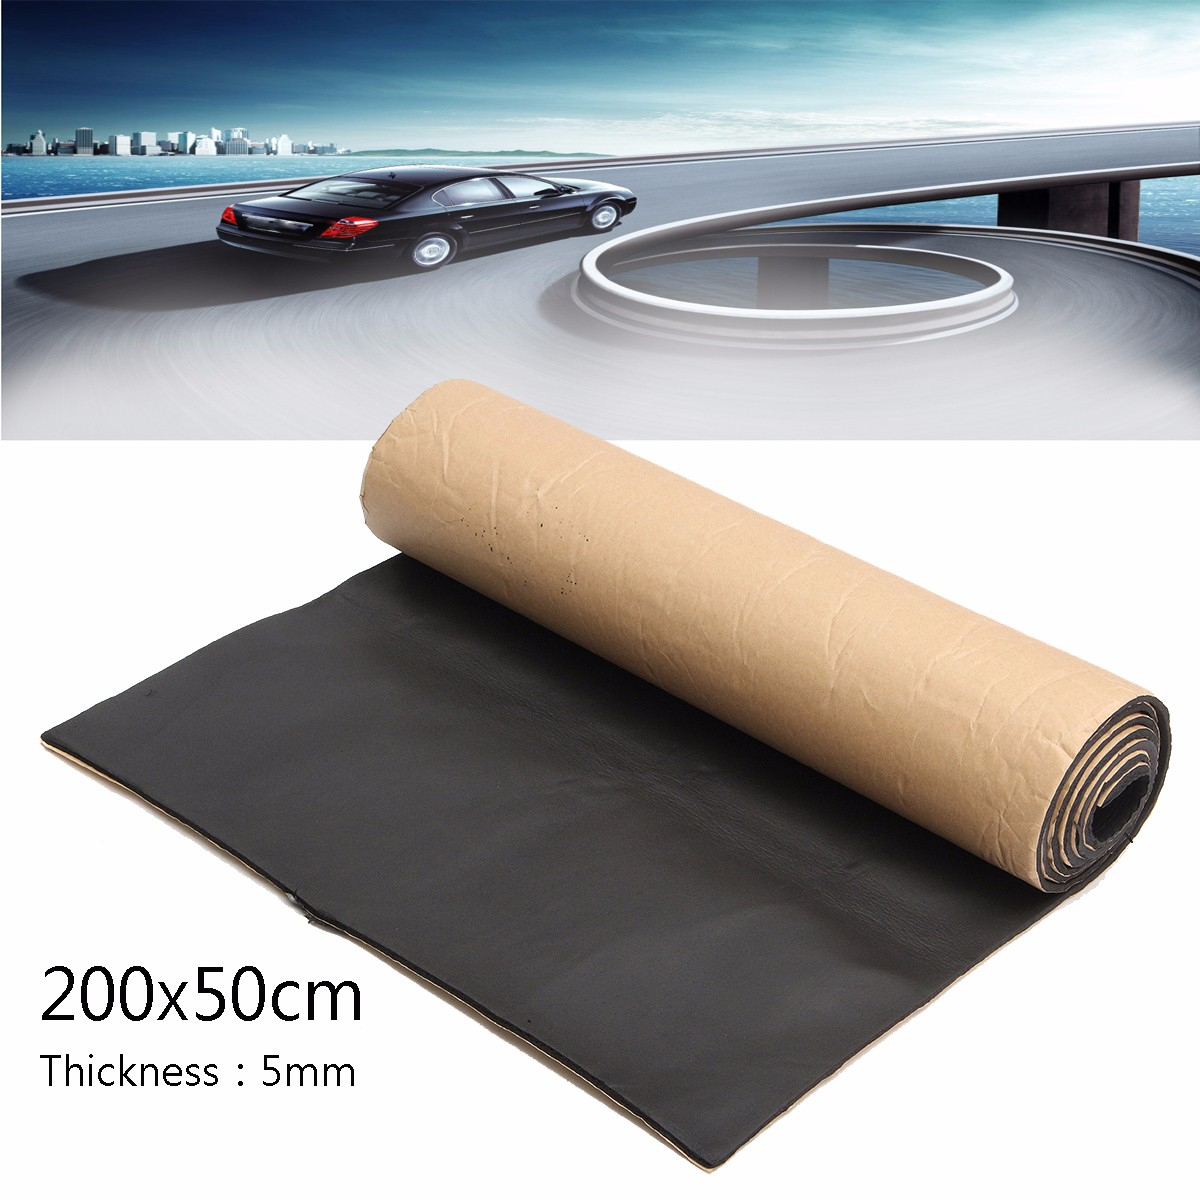 1 Roll 200X50 cm 36 pies cuadrados Auto Sound Deadening de algodón almohadilla de aislamiento térmico de Material de espuma automóviles Interior accesorios